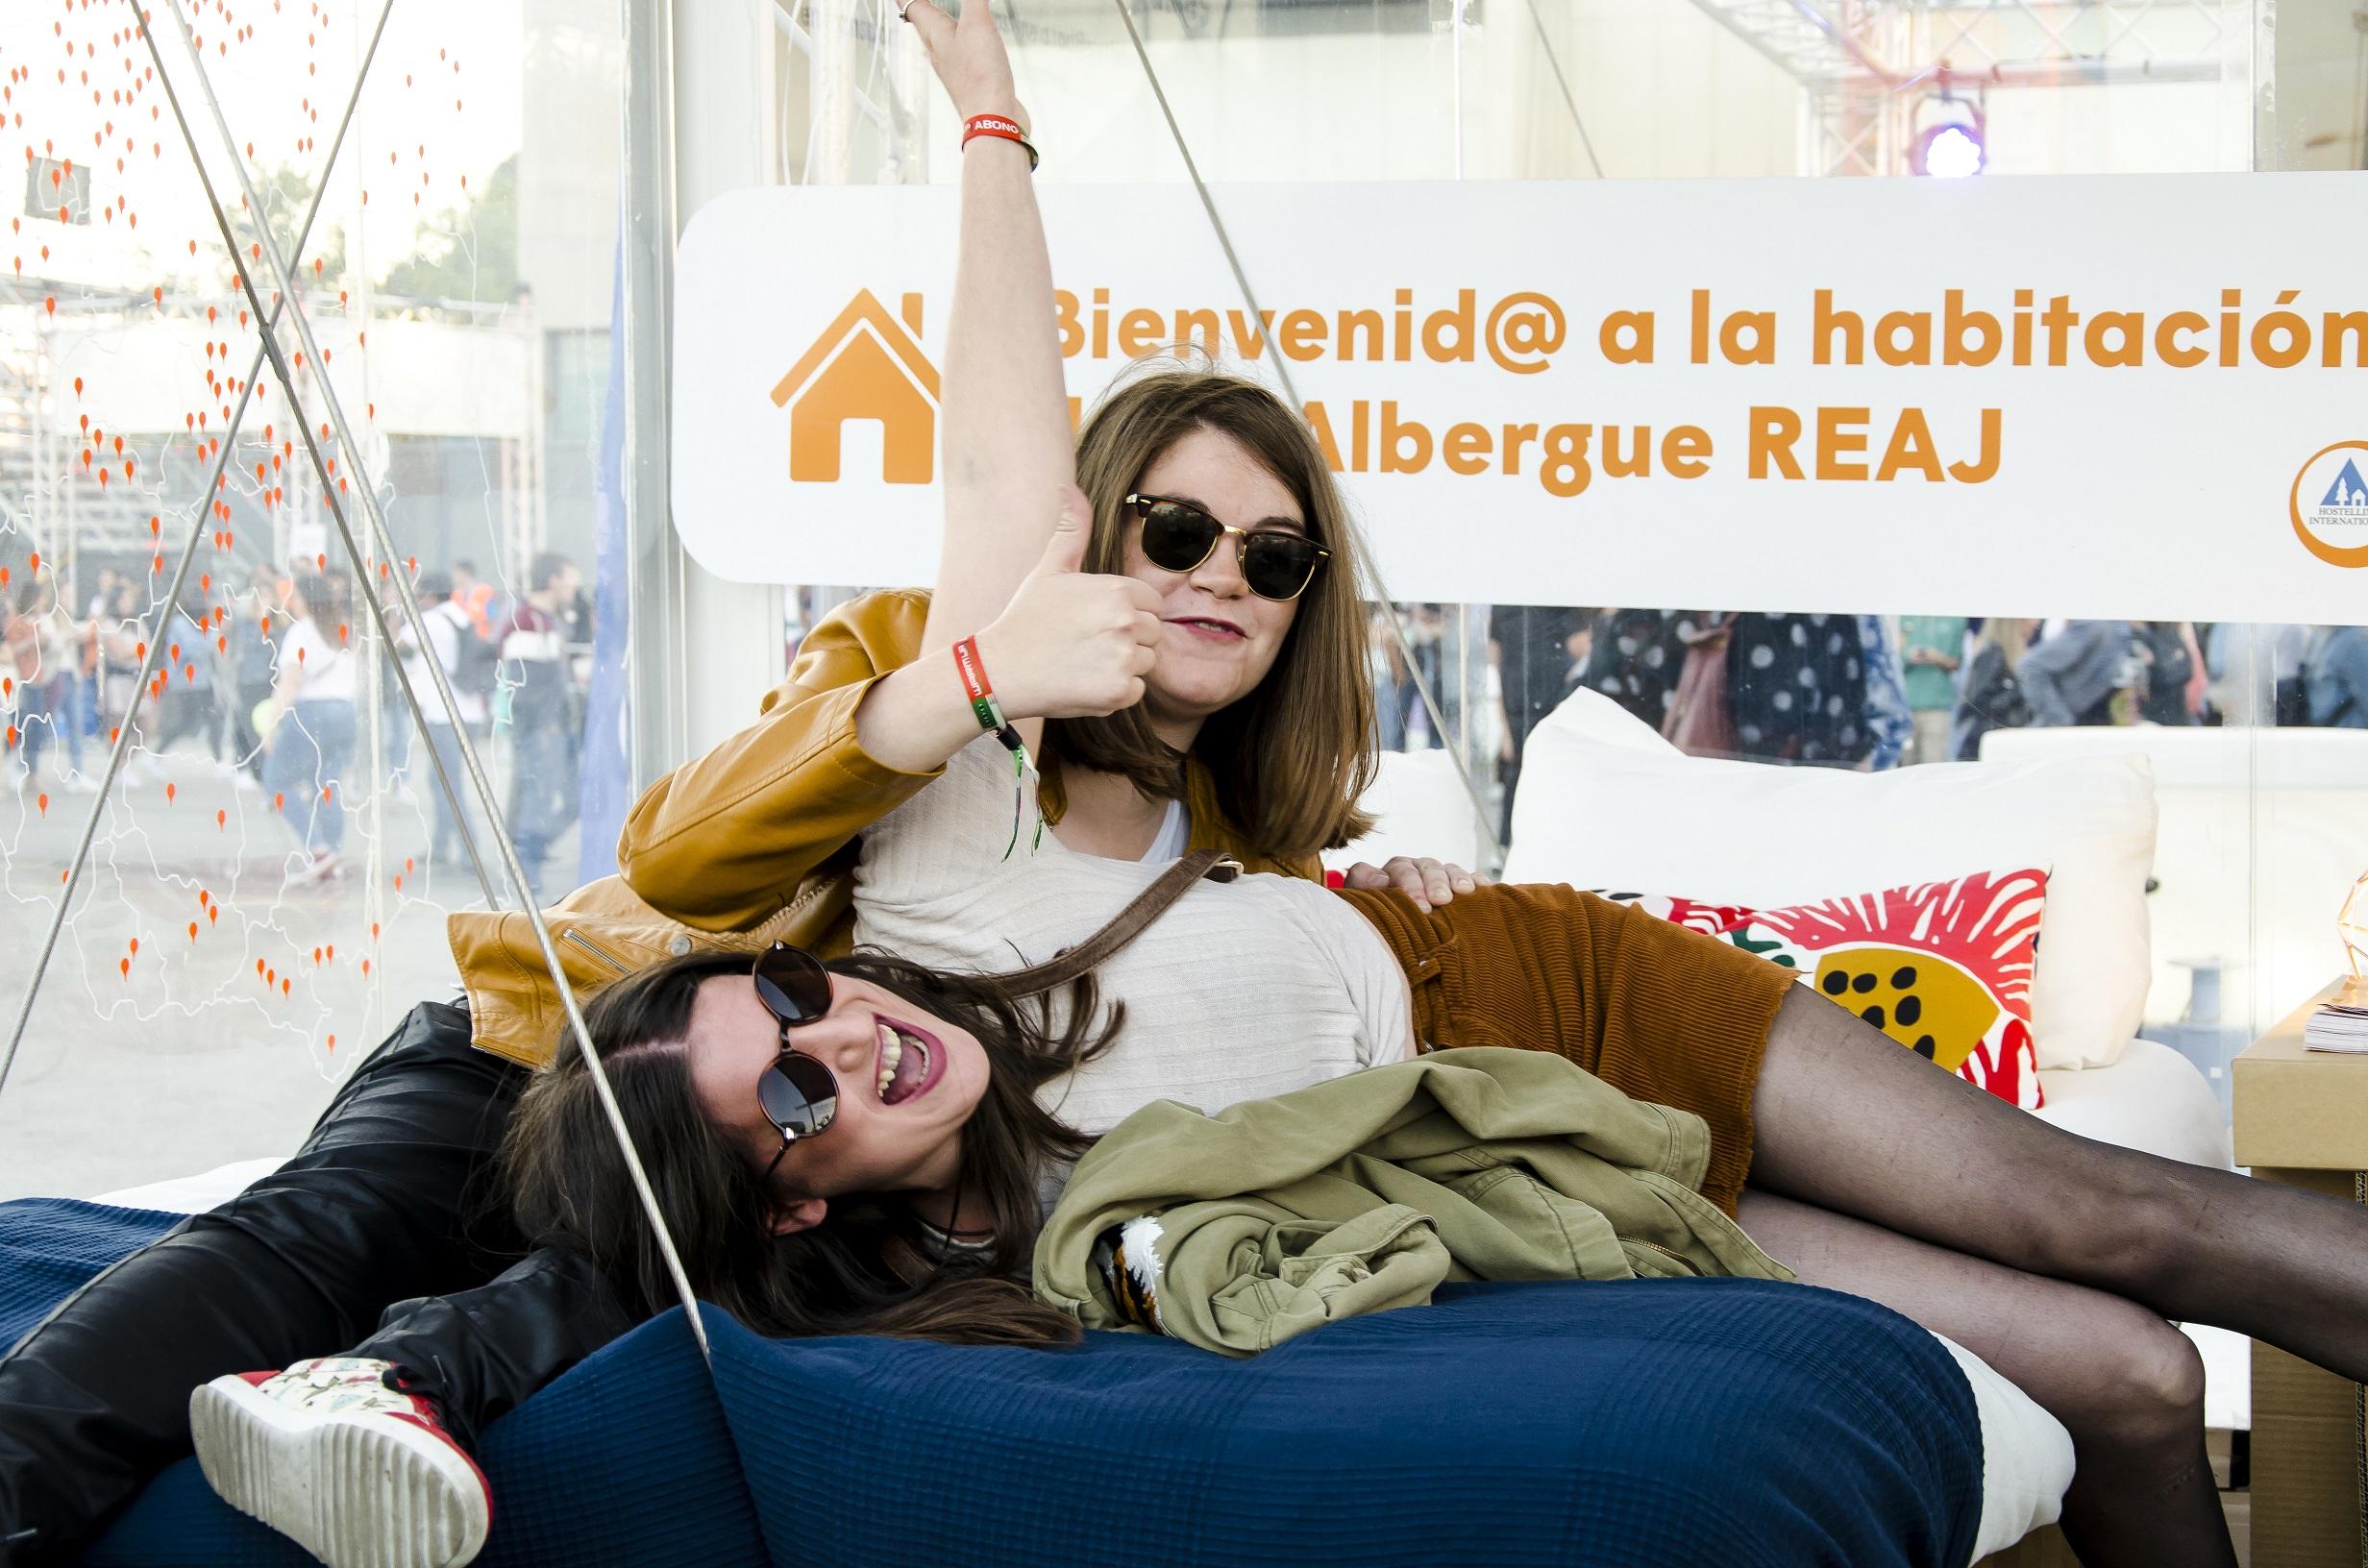 Campaña de Albergues REAJ en Las Palmas de Gran Canaria